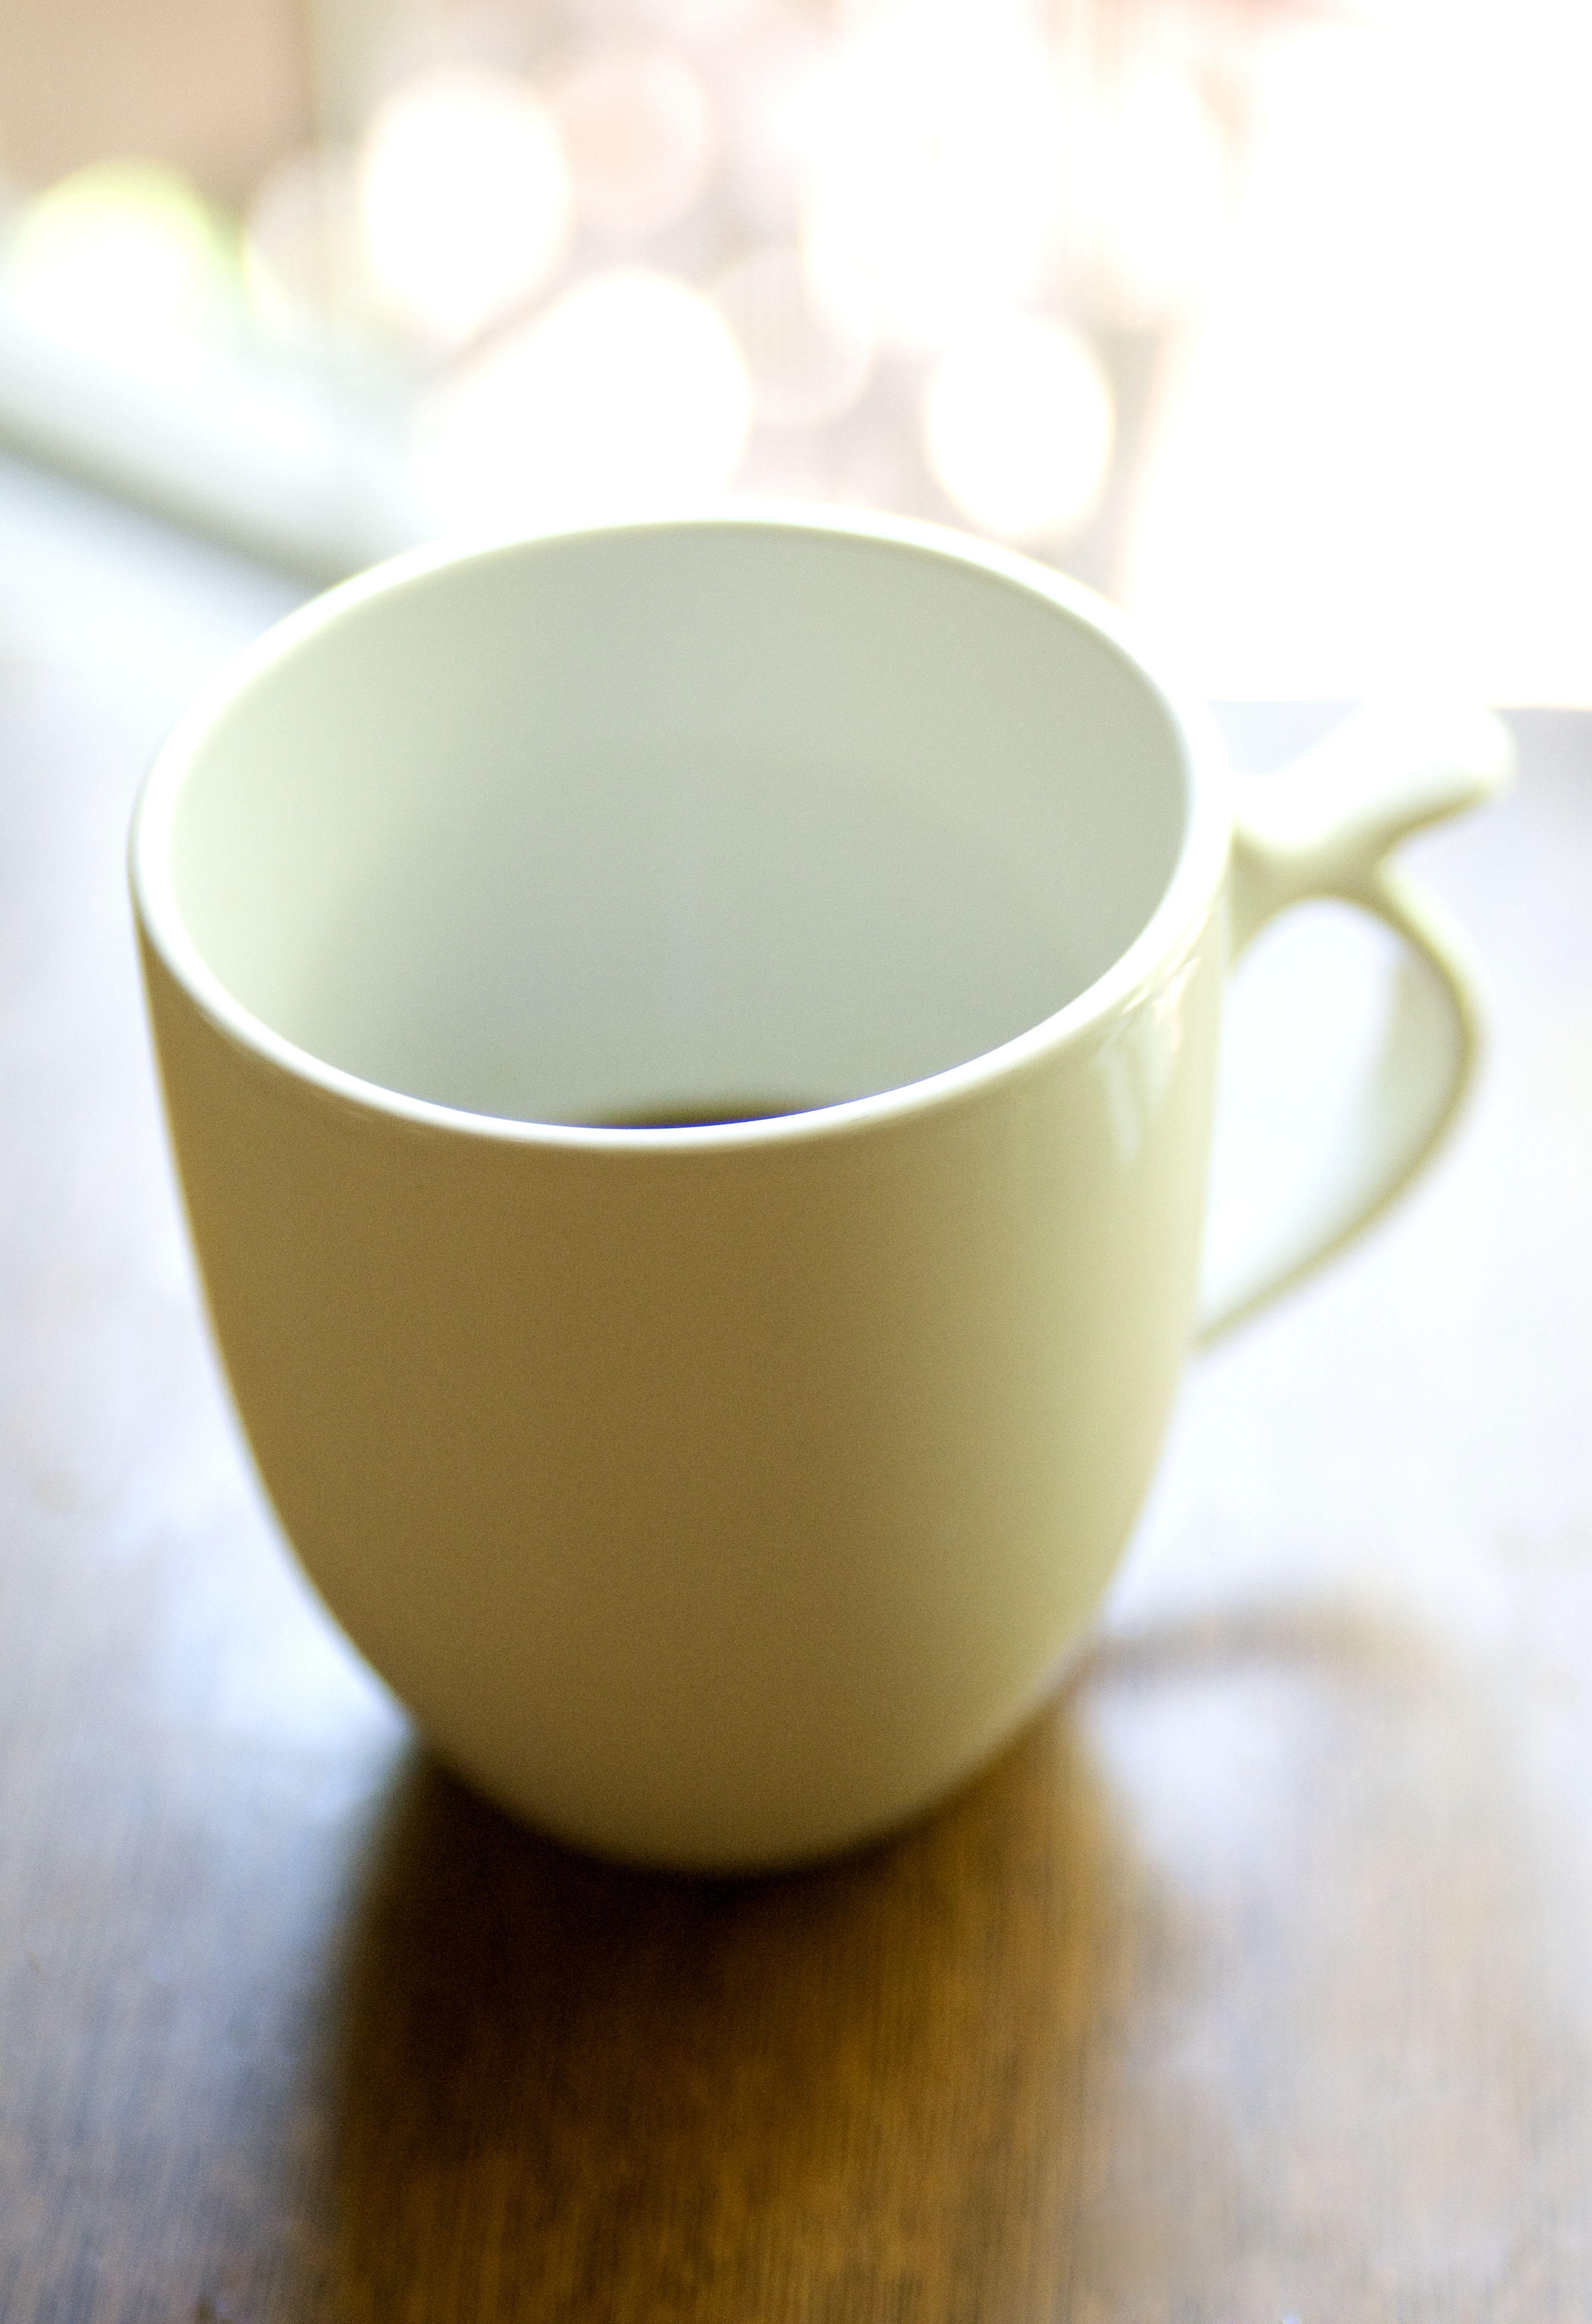 Kostenlose Bild: gefüllt, weiß, Keramik, Tasse, Kaffee, Set, Holz, Tisch